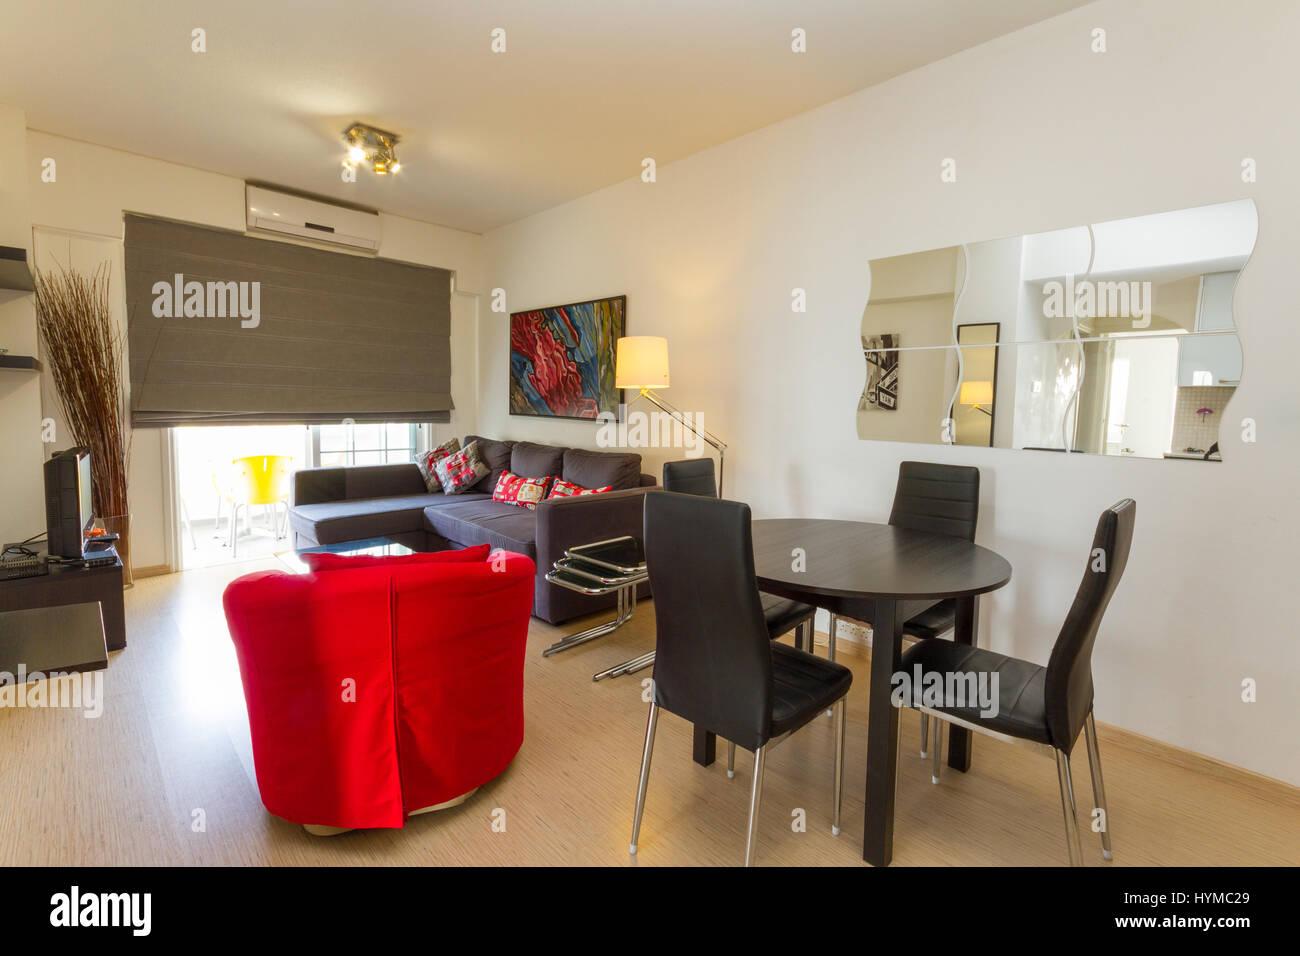 Soggiorno moderno in Wenge brown e colori rosso contenente il divano ...